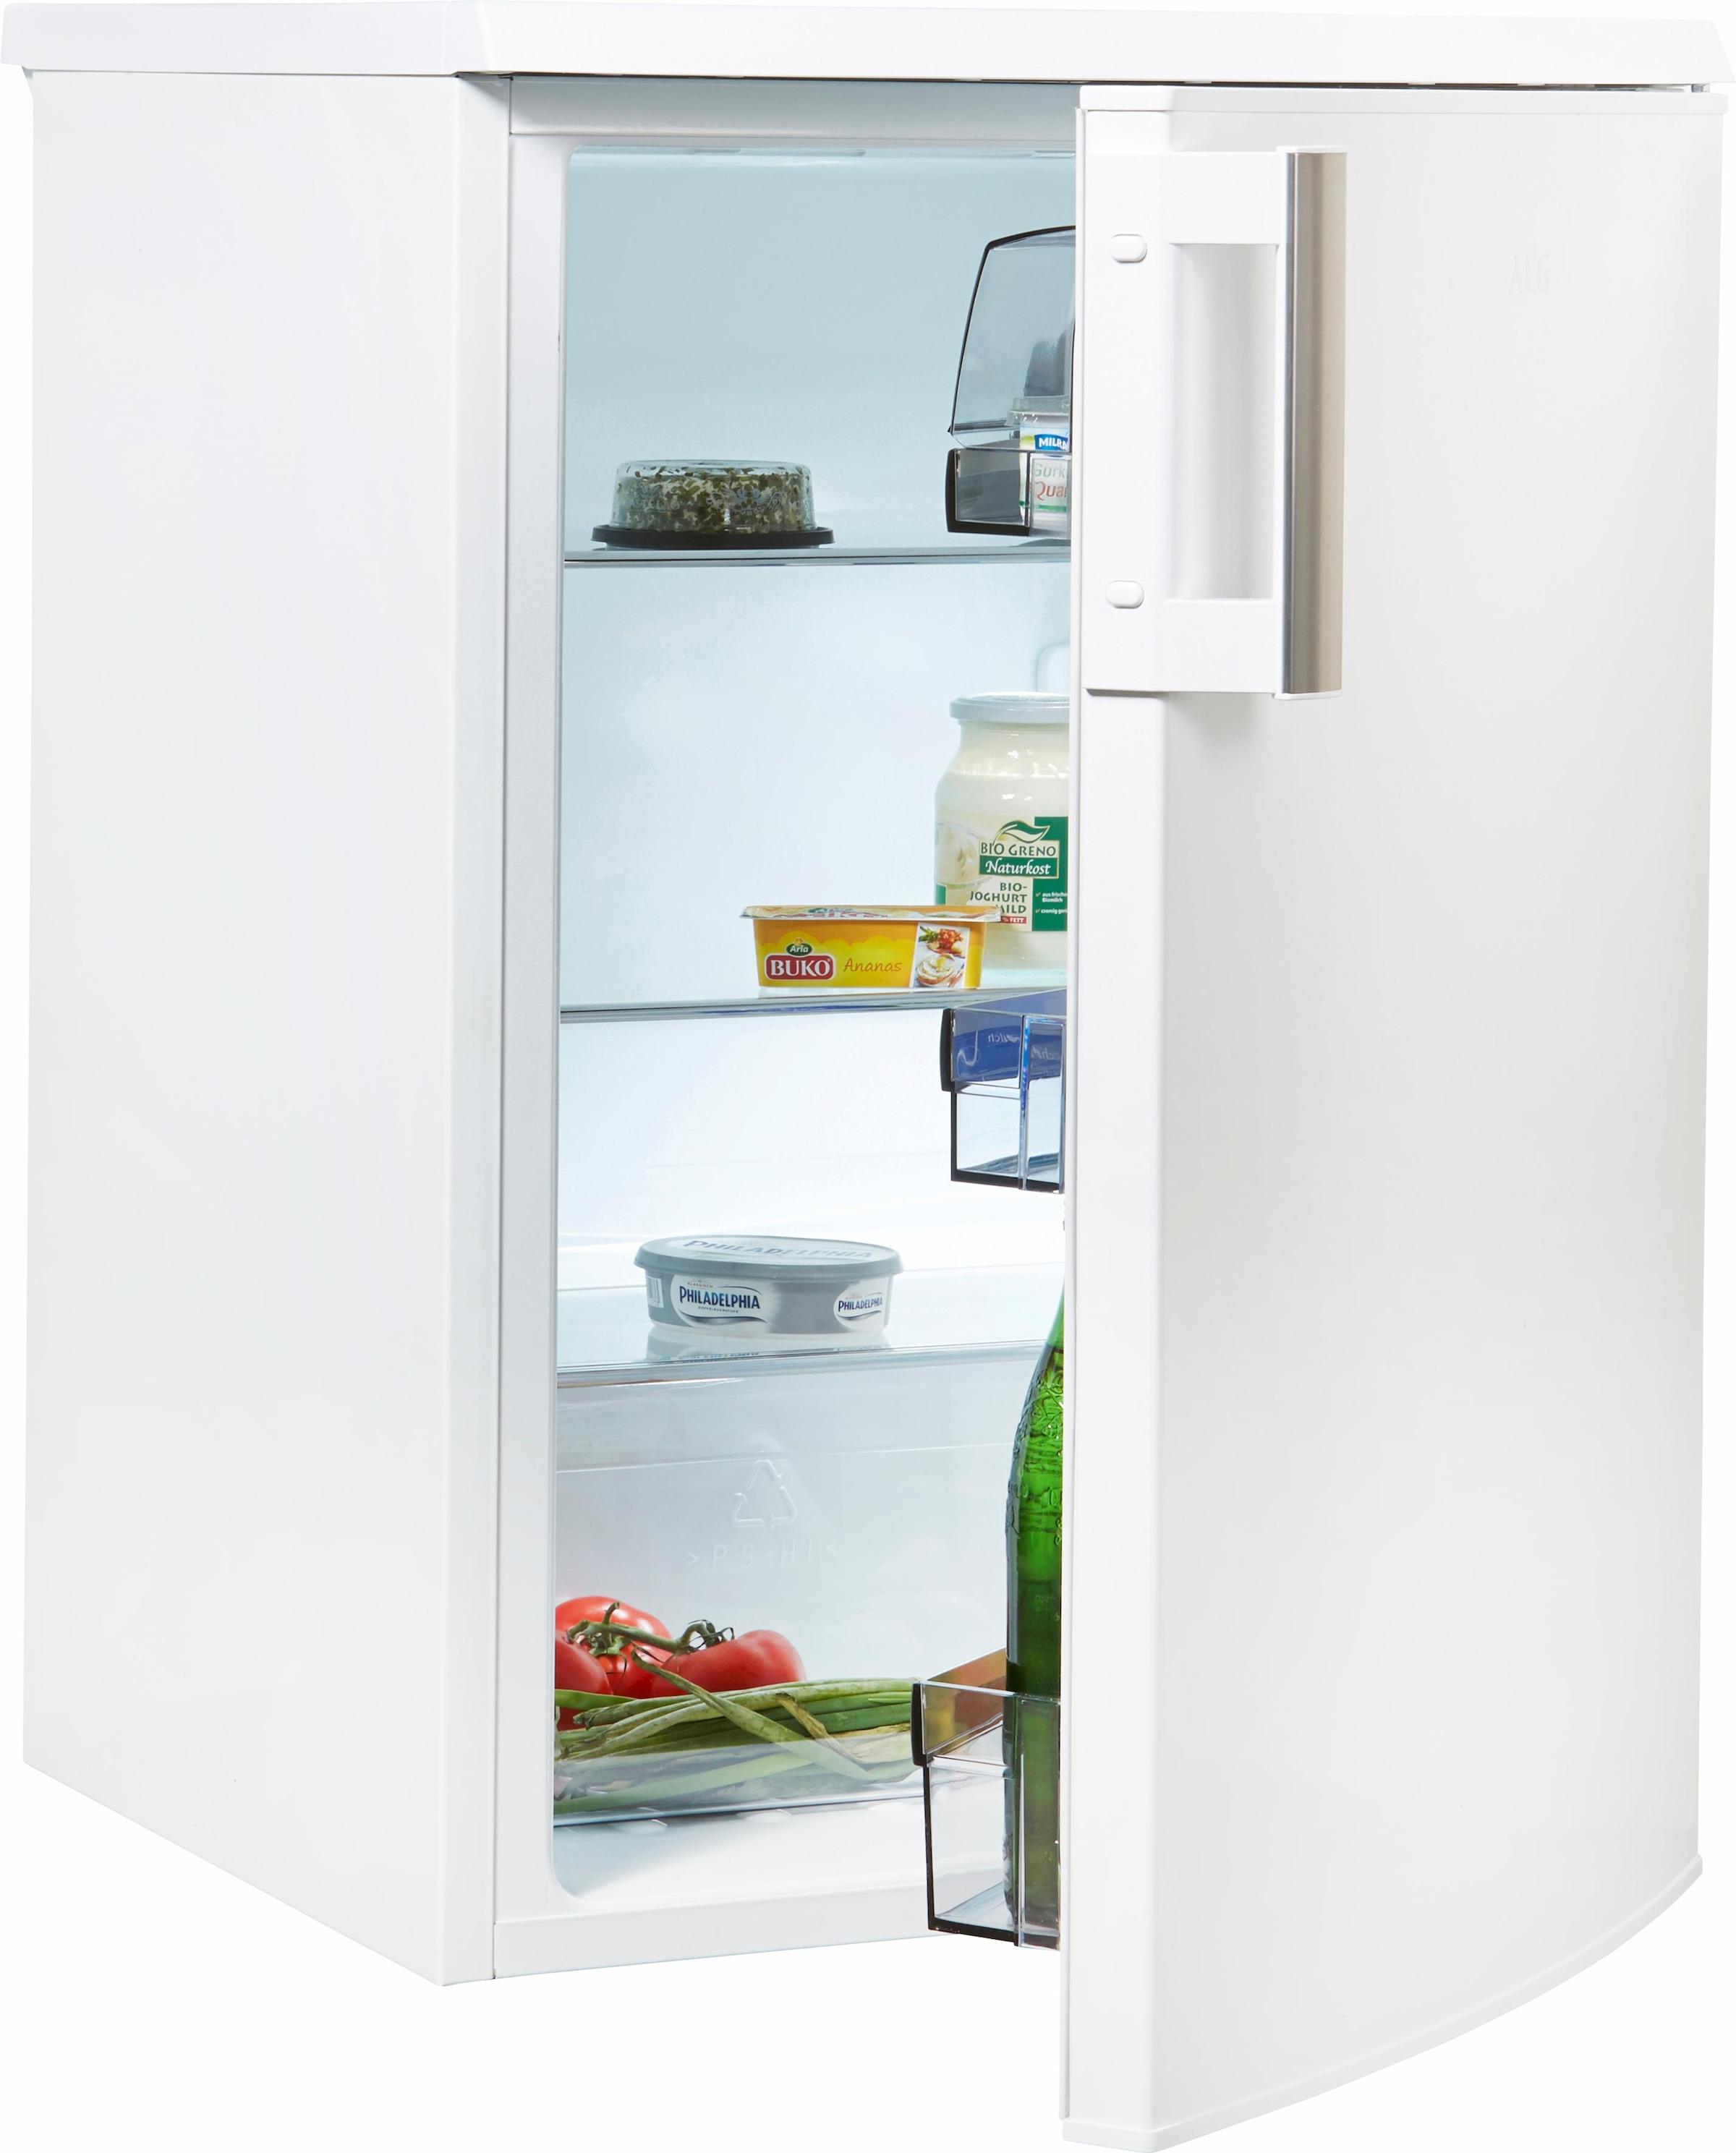 Aeg Kühlschrank Hilfe : Aeg kühlschrank rtb aw cm hoch per rechnung baur